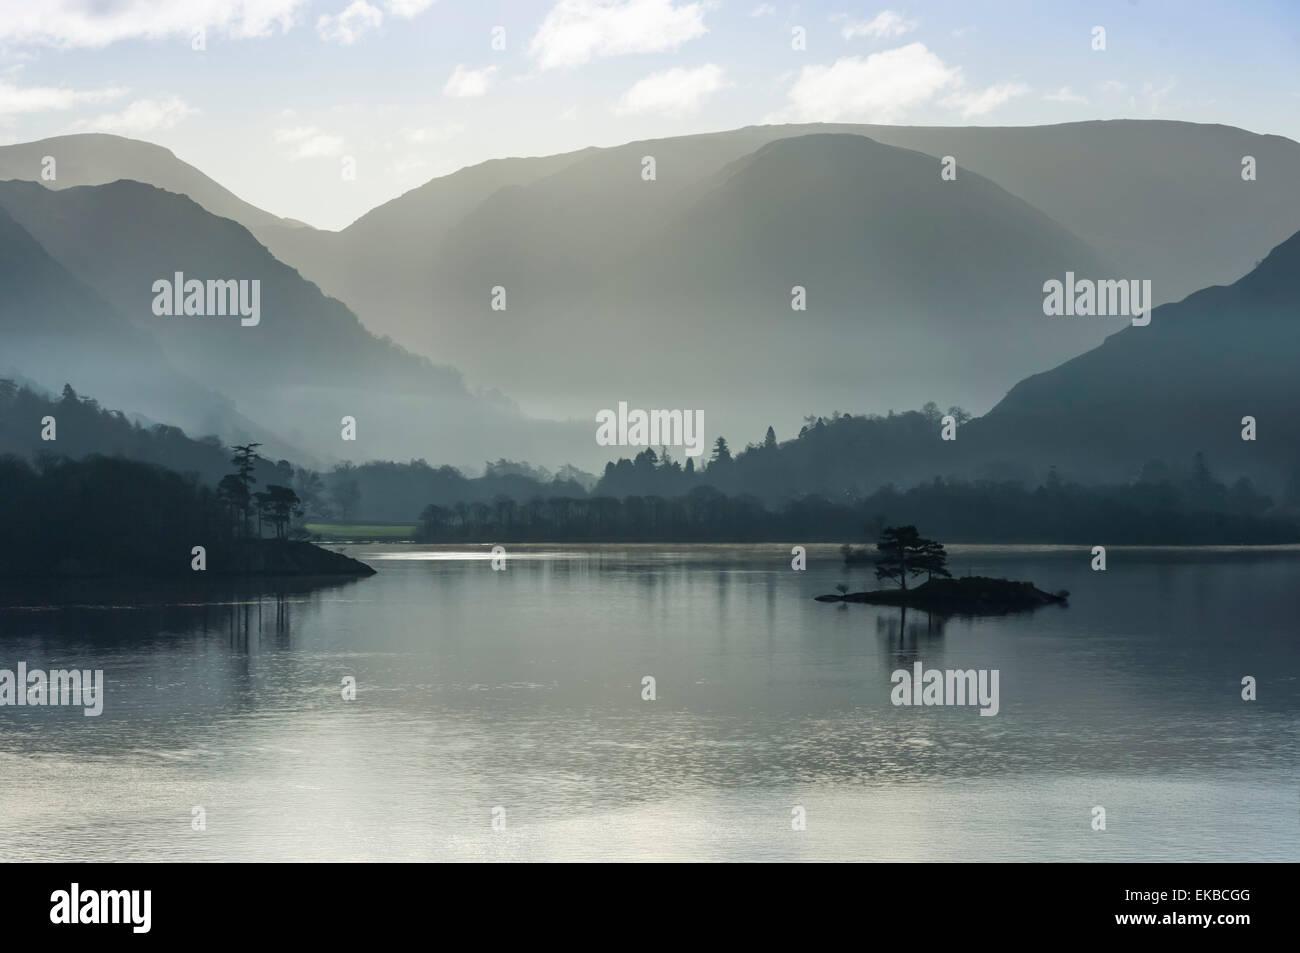 La piccola isola, Capo del Lago in novembre, Lake Ullswater, District National Park, Cumbria, England, Regno Unito, Europa Foto Stock